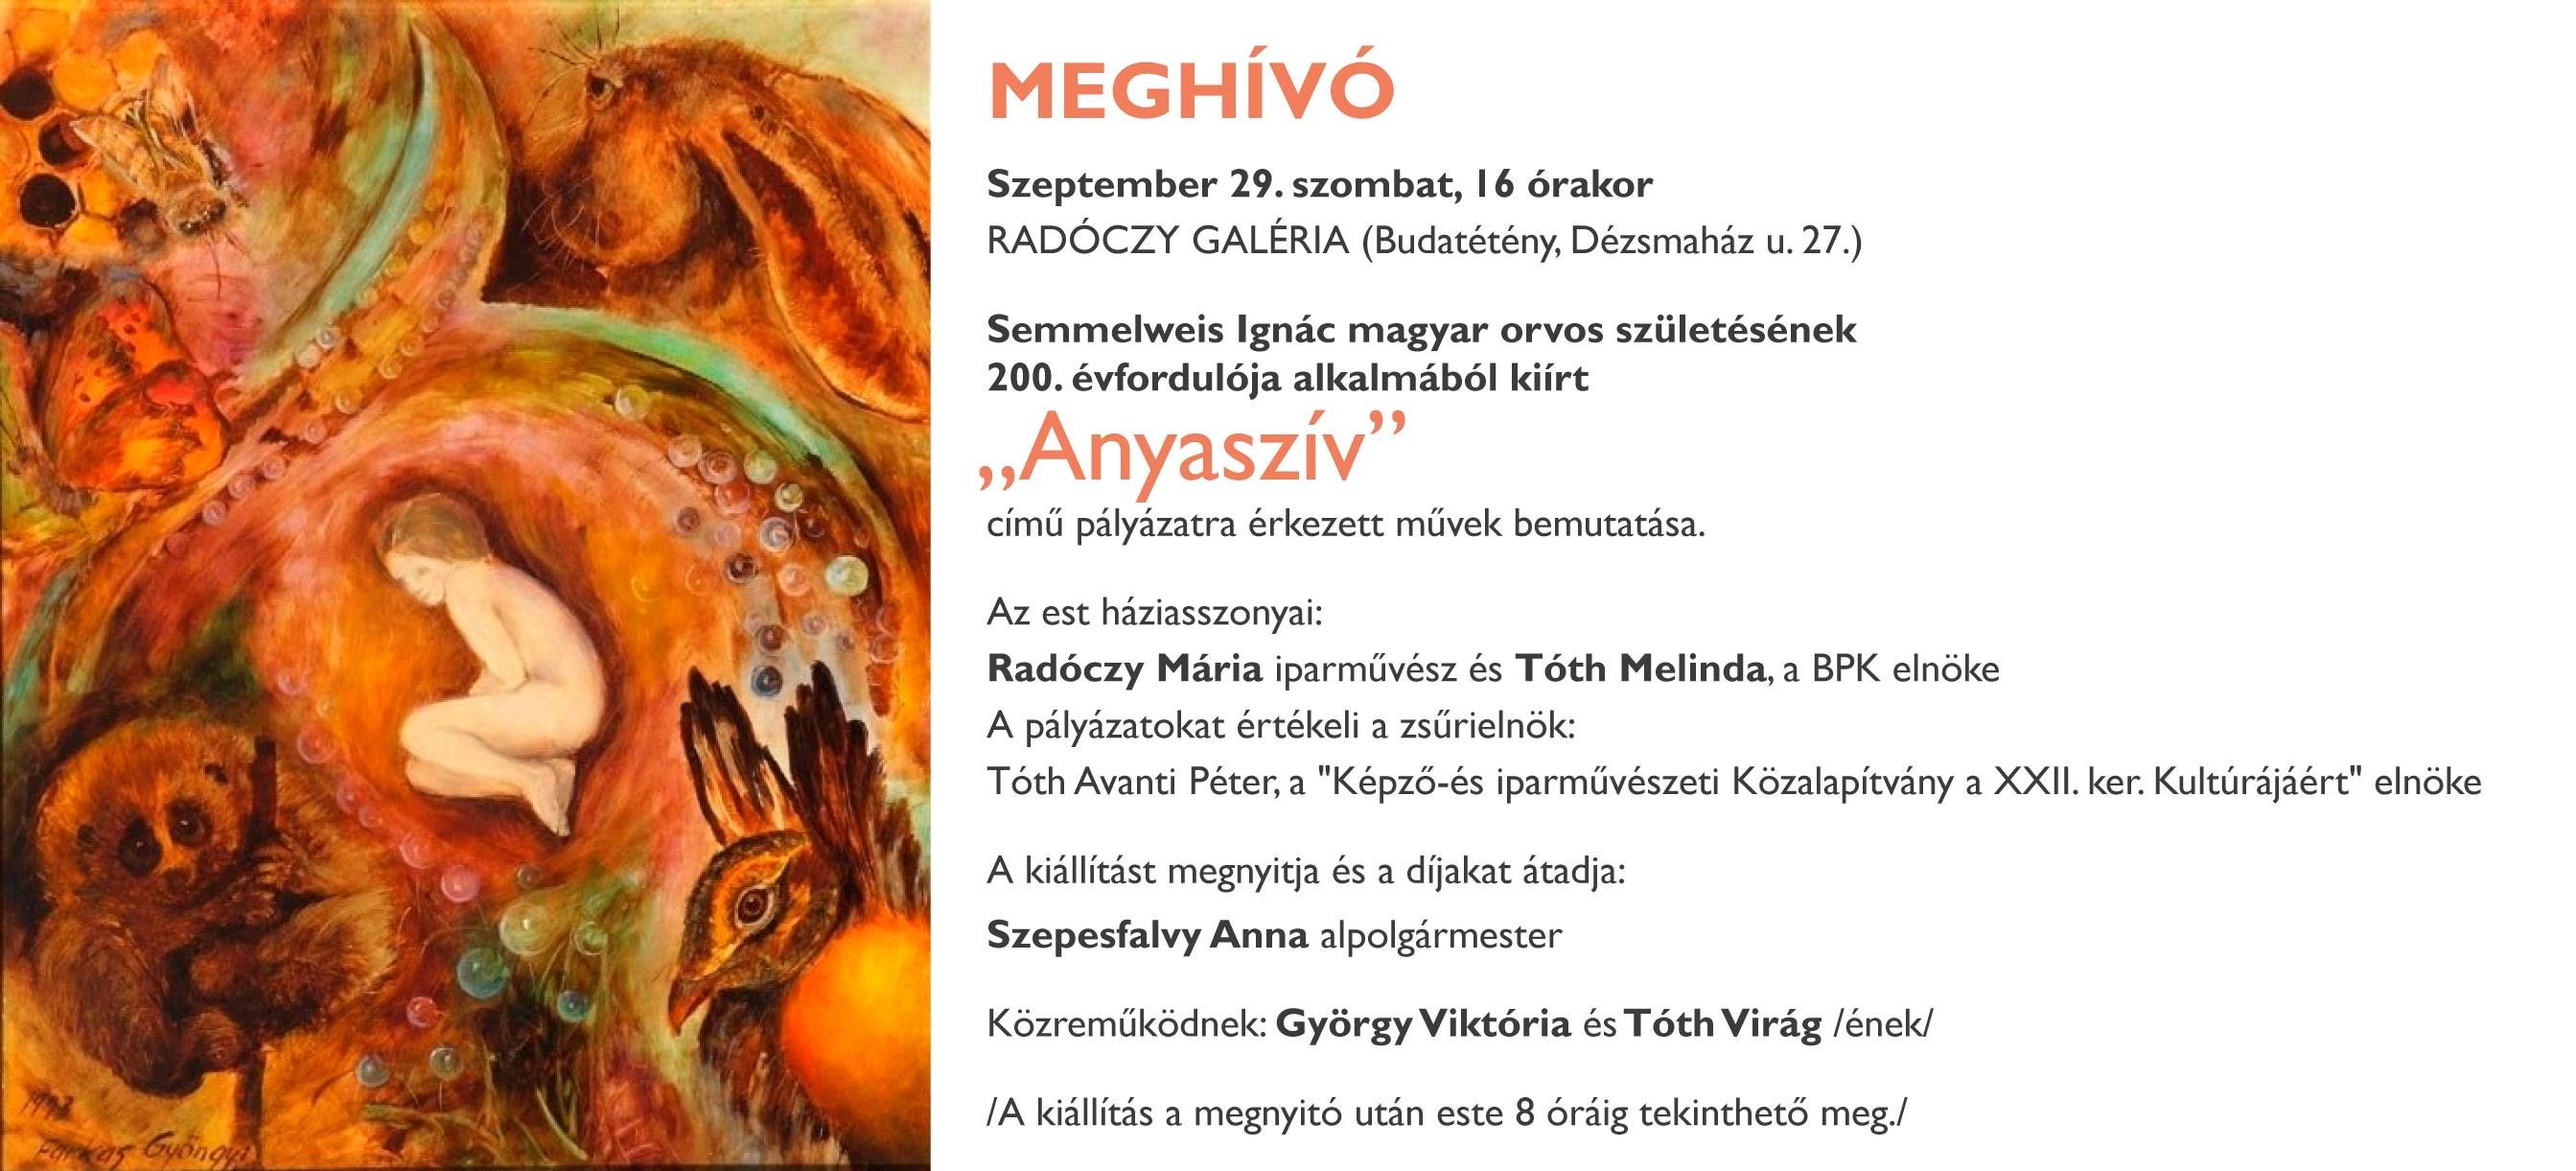 Szt Mihály Radóczy 2018